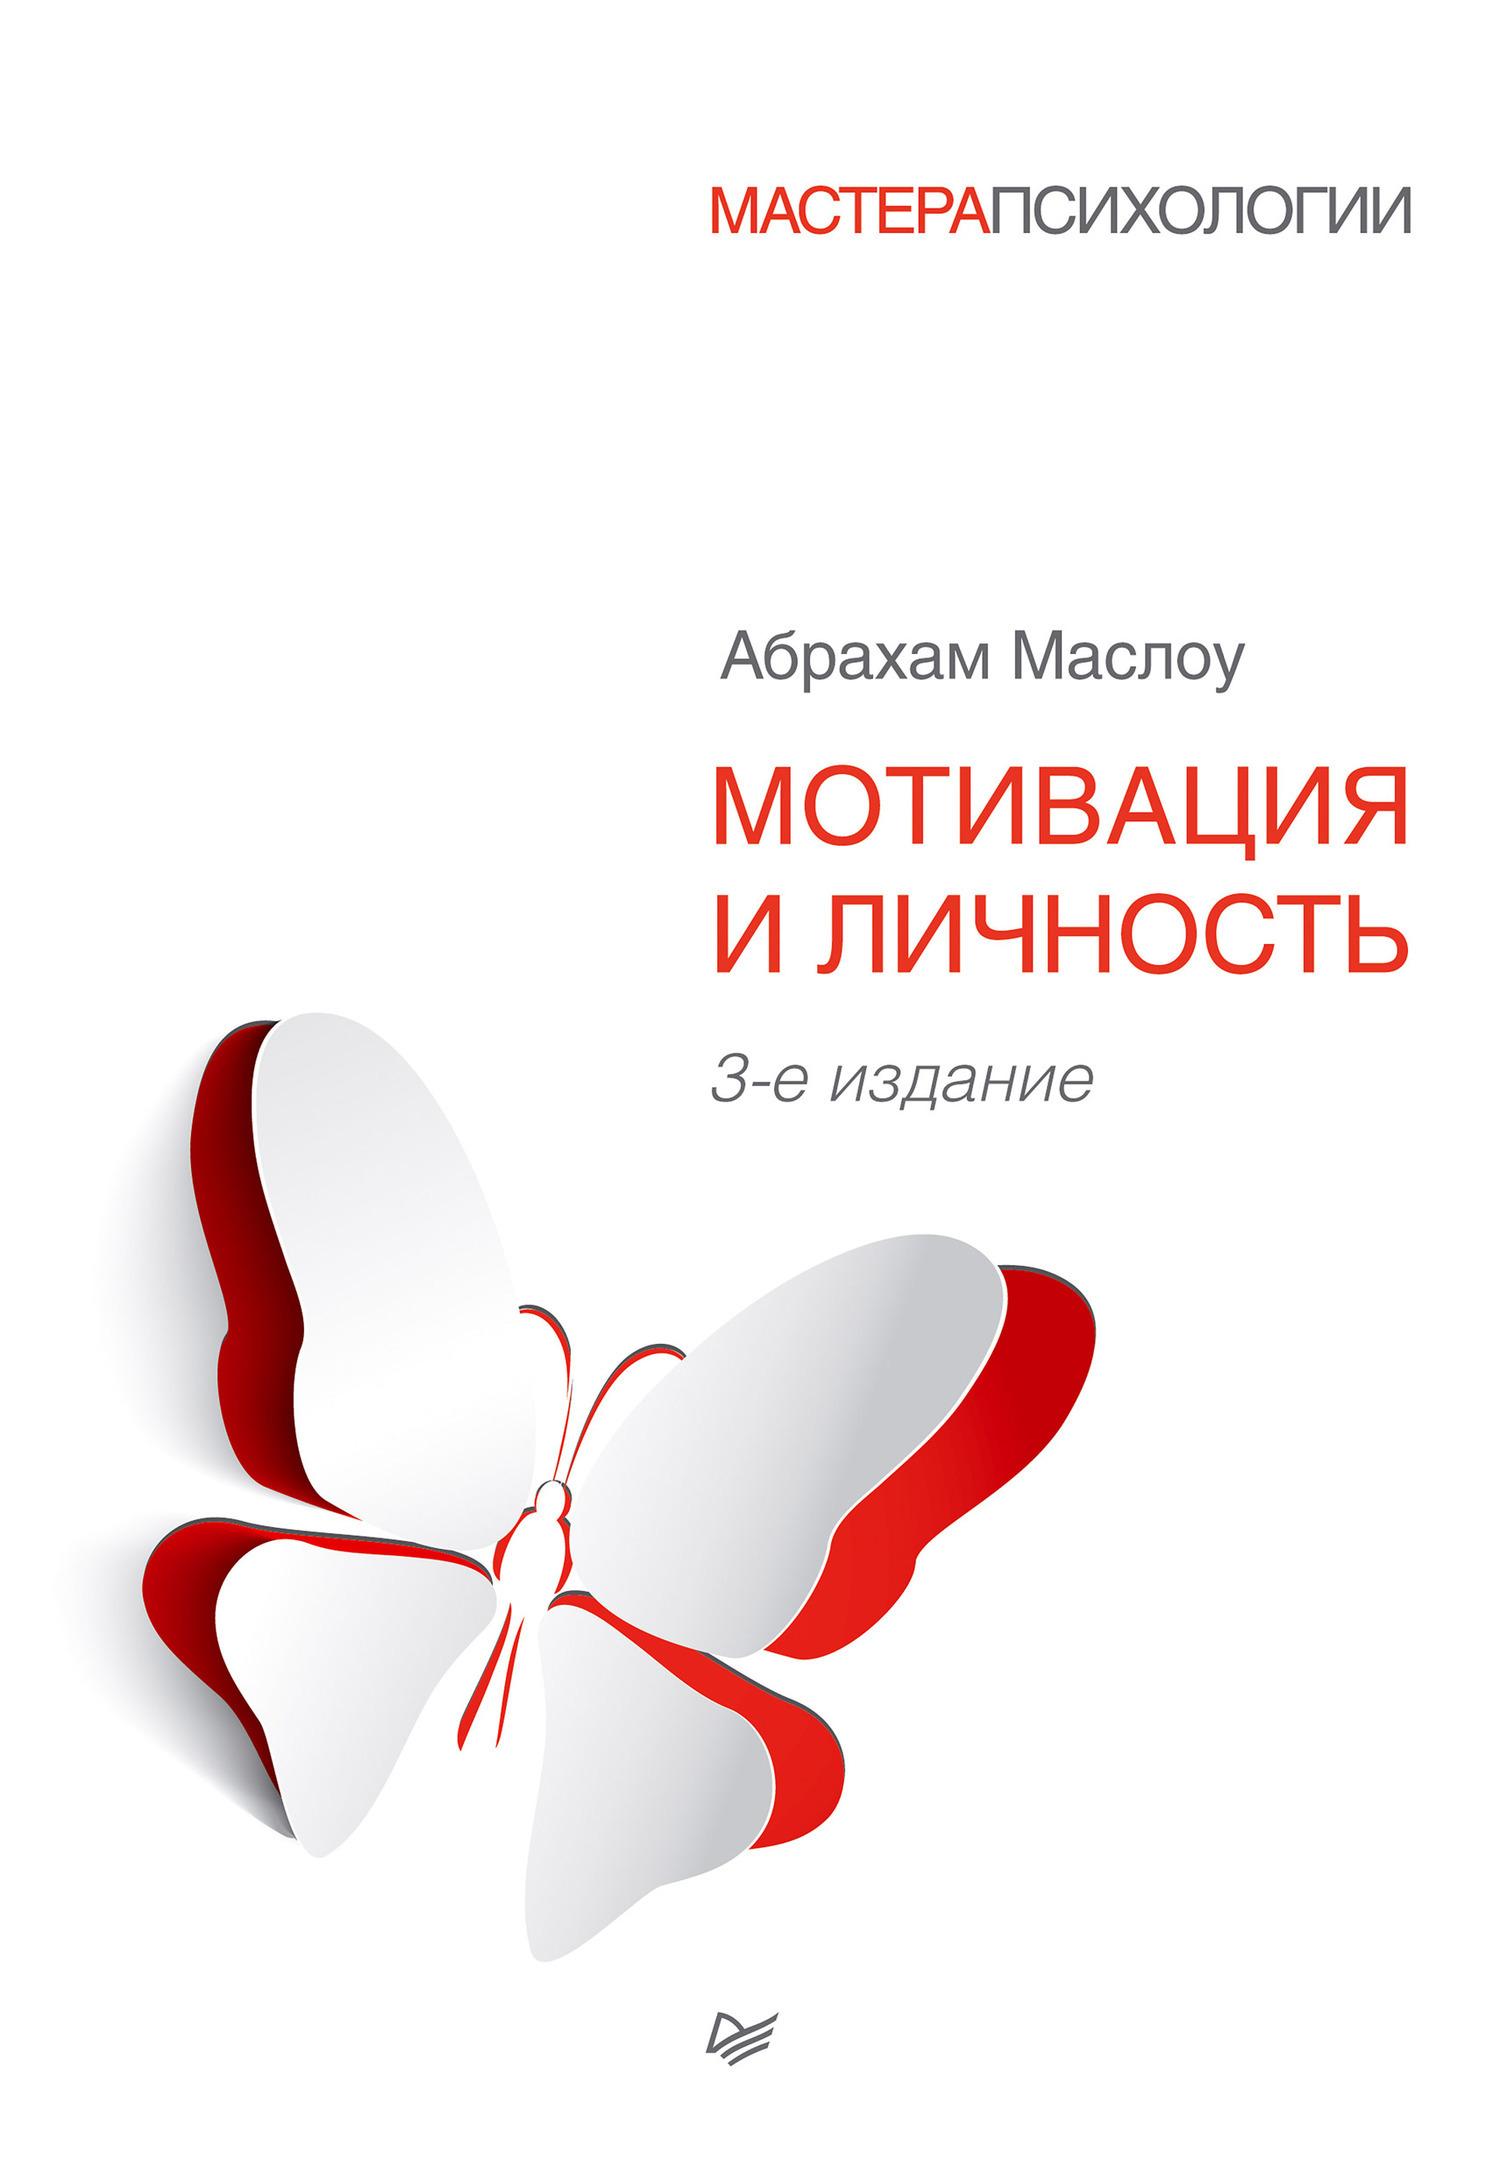 Абрахам Маслоу - Мотивация и личность